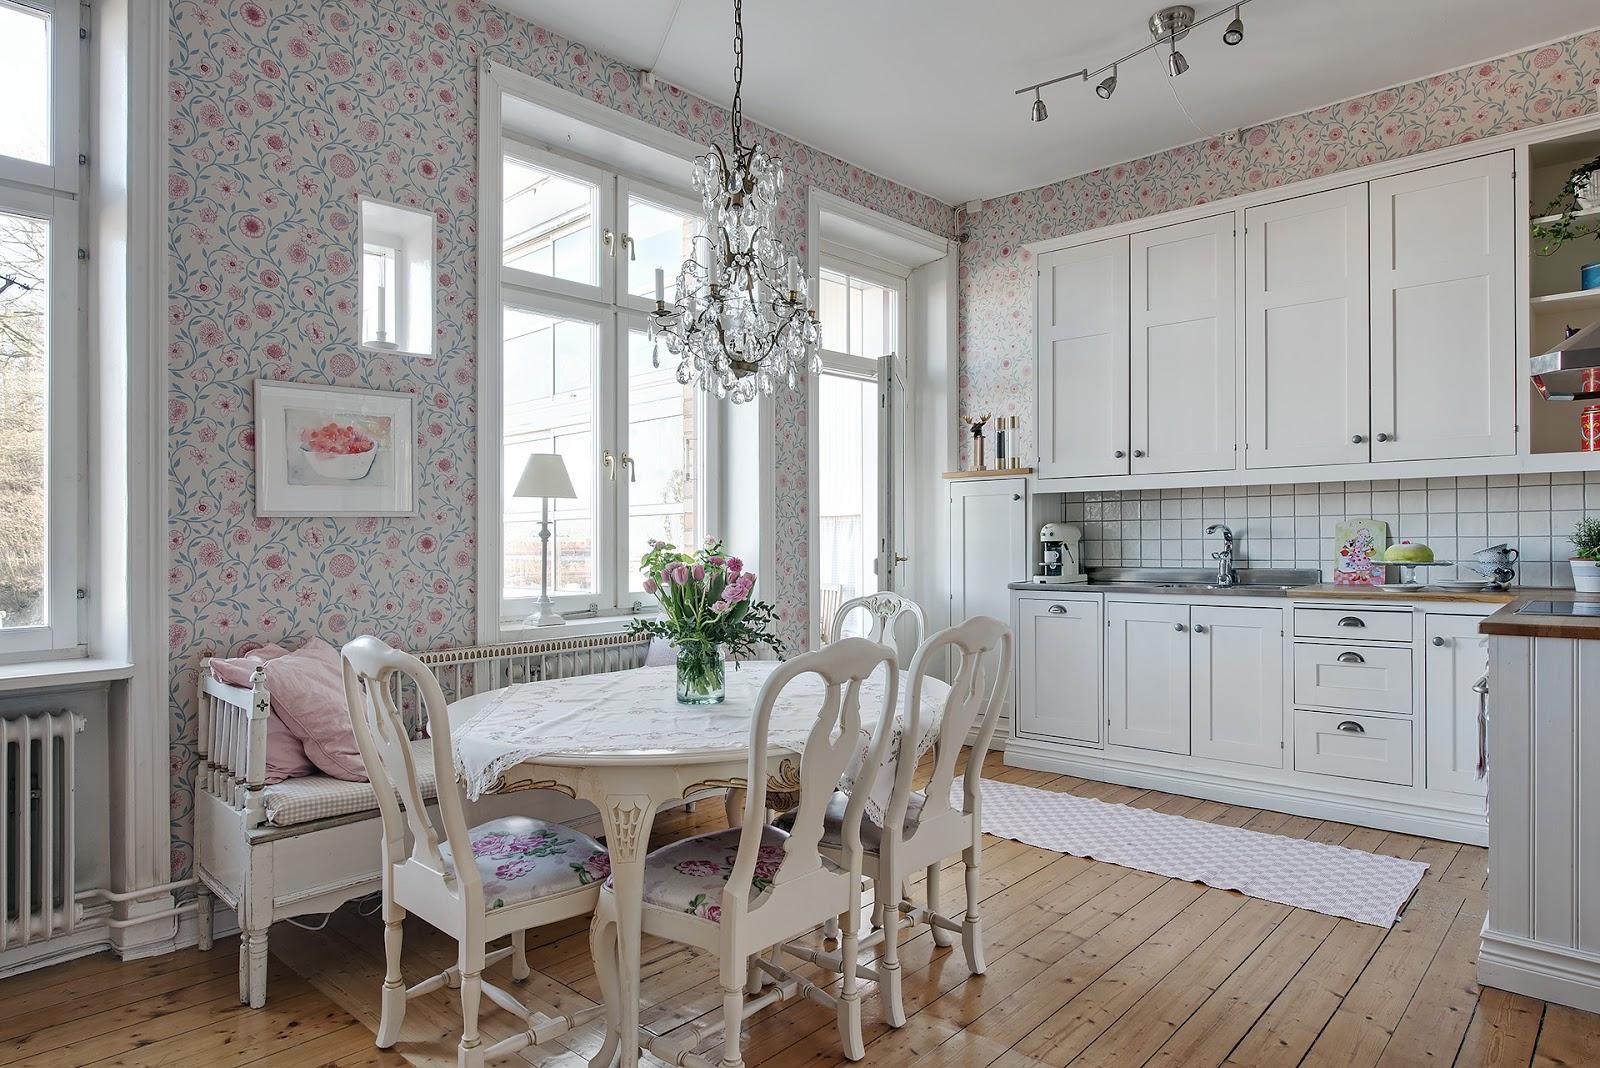 Romantic scandinav în roz deschis și cu motive florale